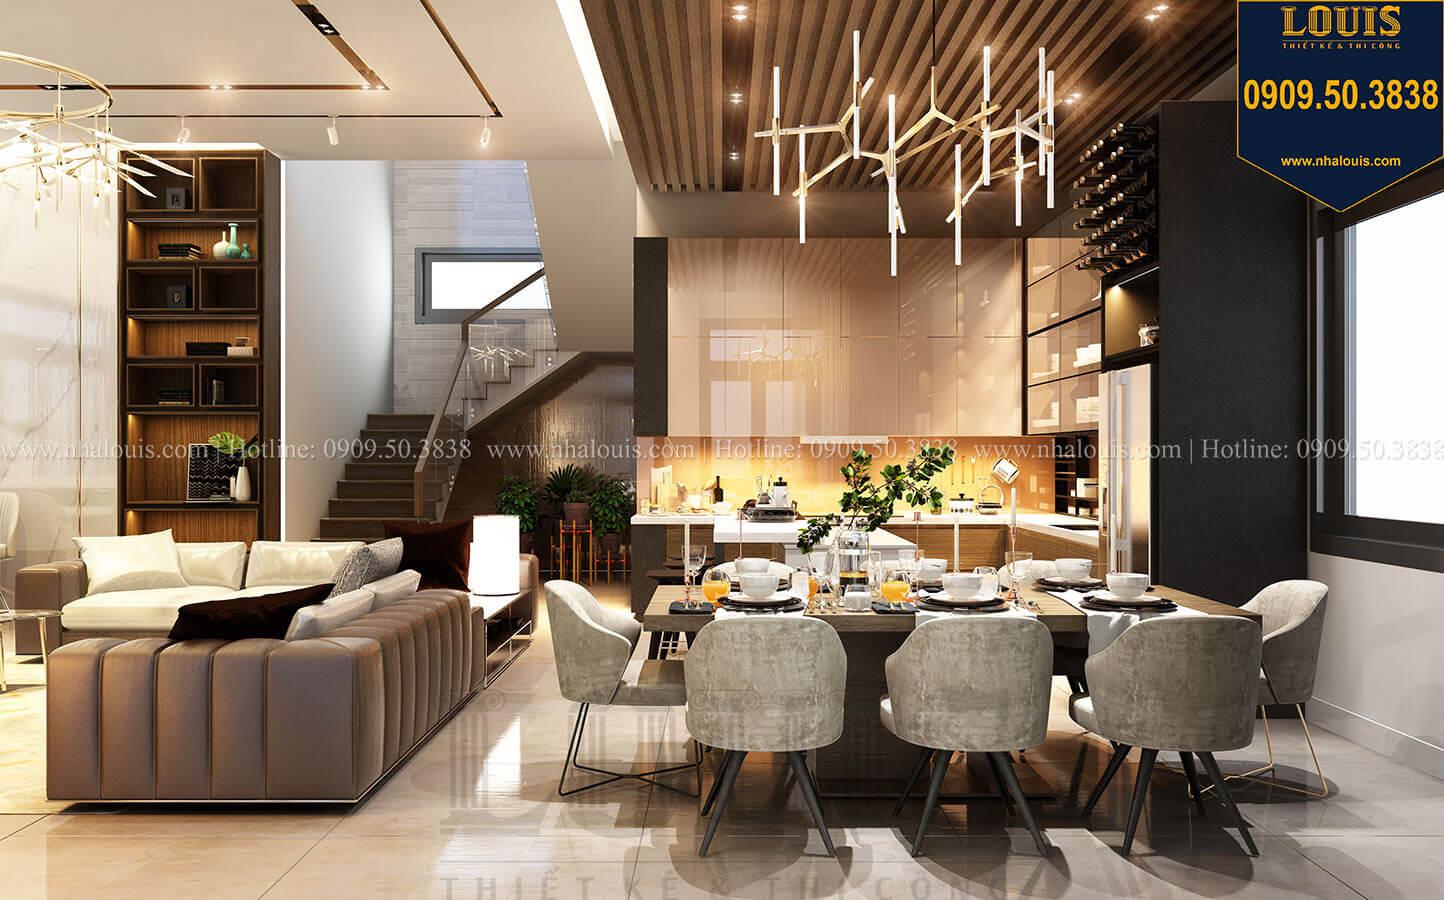 Nắm trọn 6 bí quyết thiết kế phòng khách biệt thự hiện đại 3 tầng đẹp